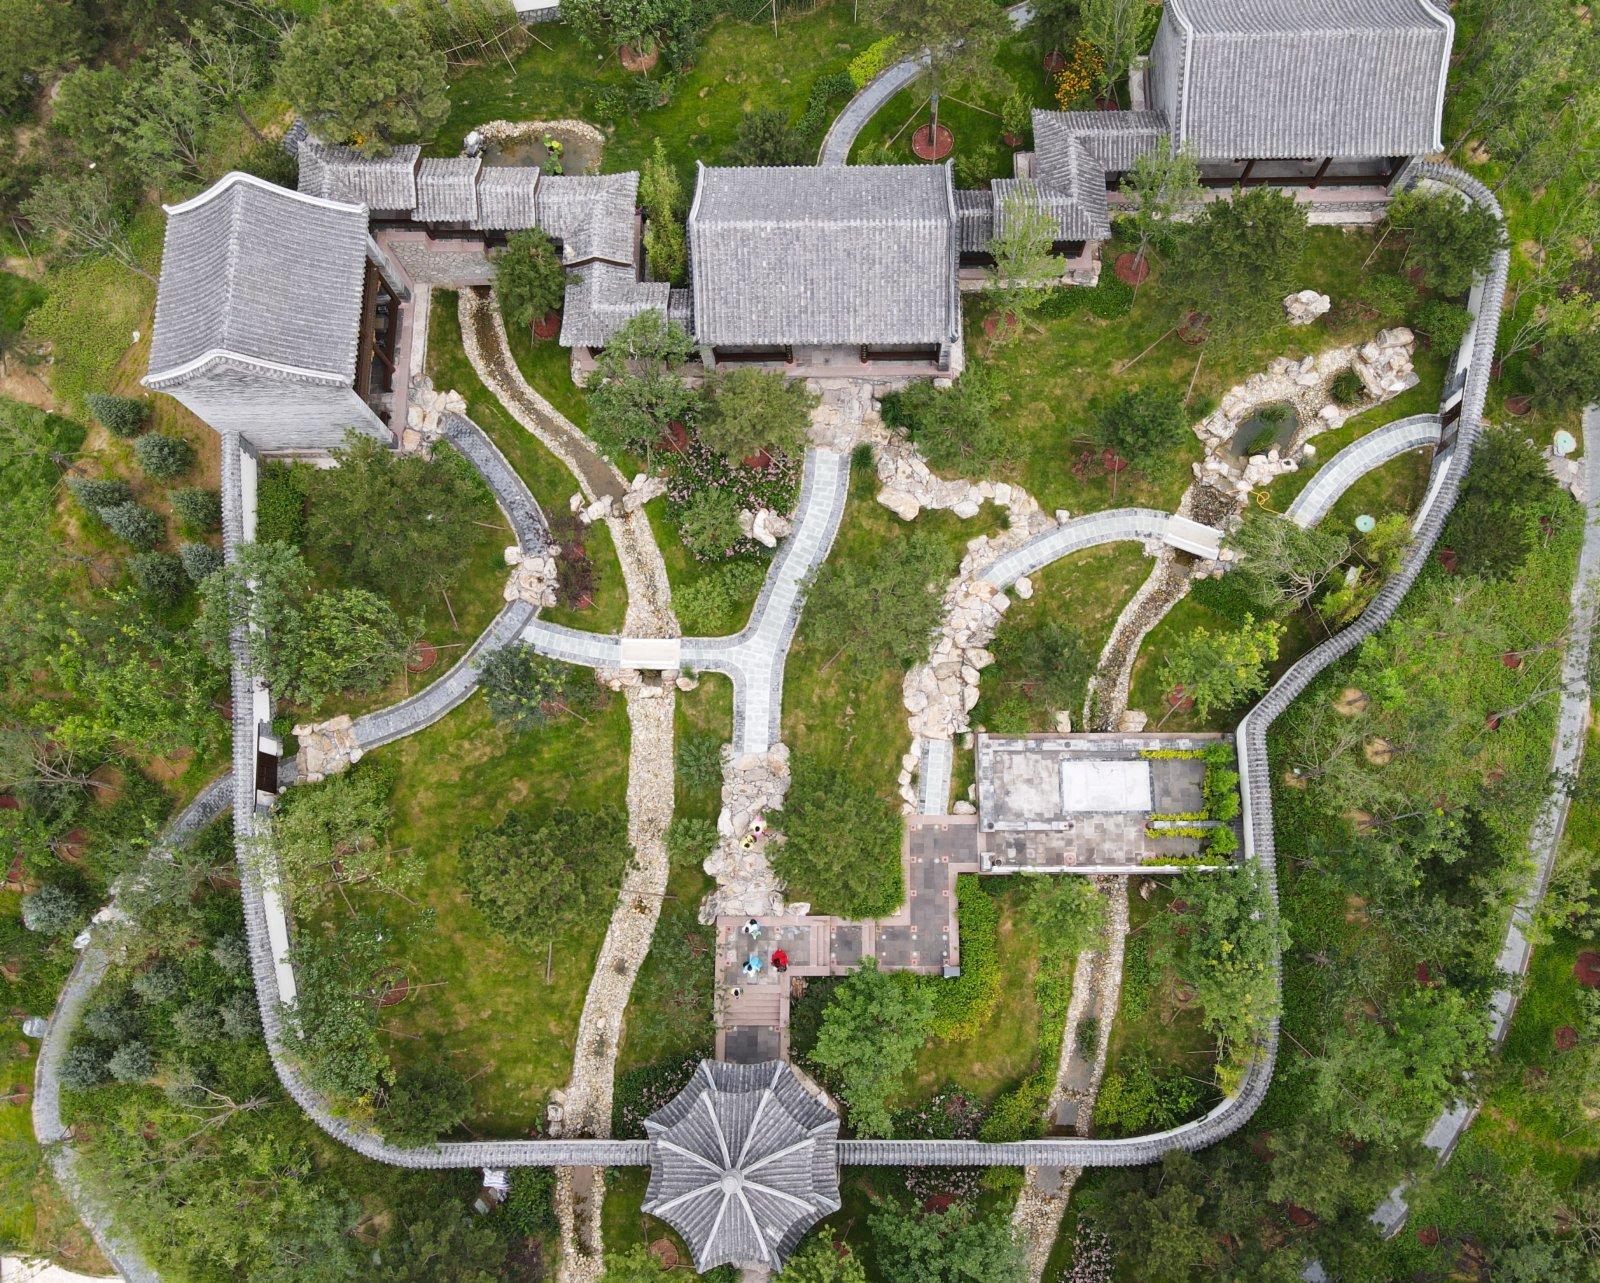 位於唐山市開平區的河北省第五屆園林博覽會會址景色。 新華社